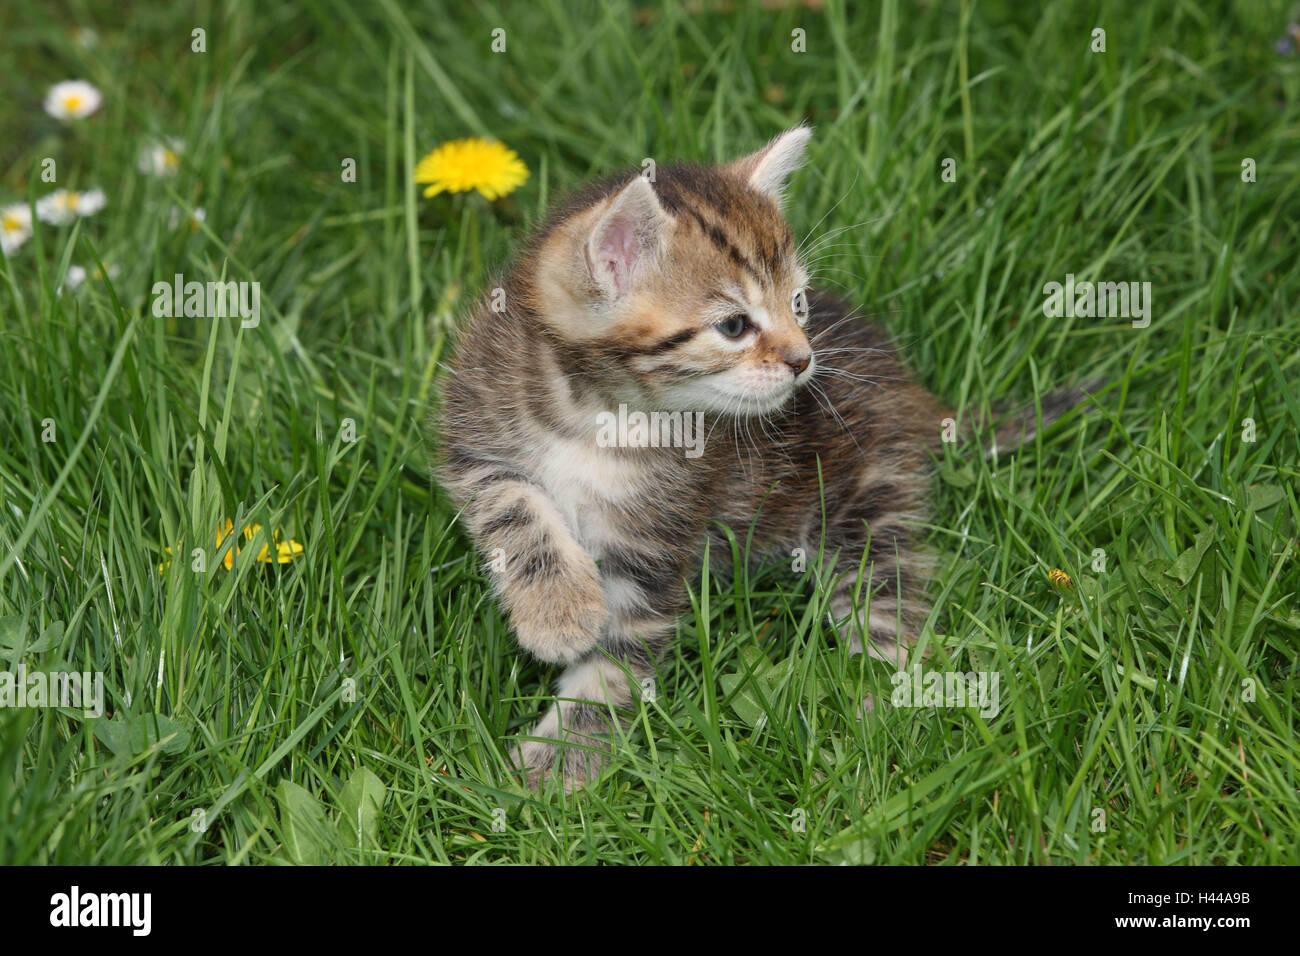 Gato, jóvenes, ejecutar, Pradera, jardín, animales, mamíferos, mascotas, gatos pequeños, Felidae, Imagen De Stock